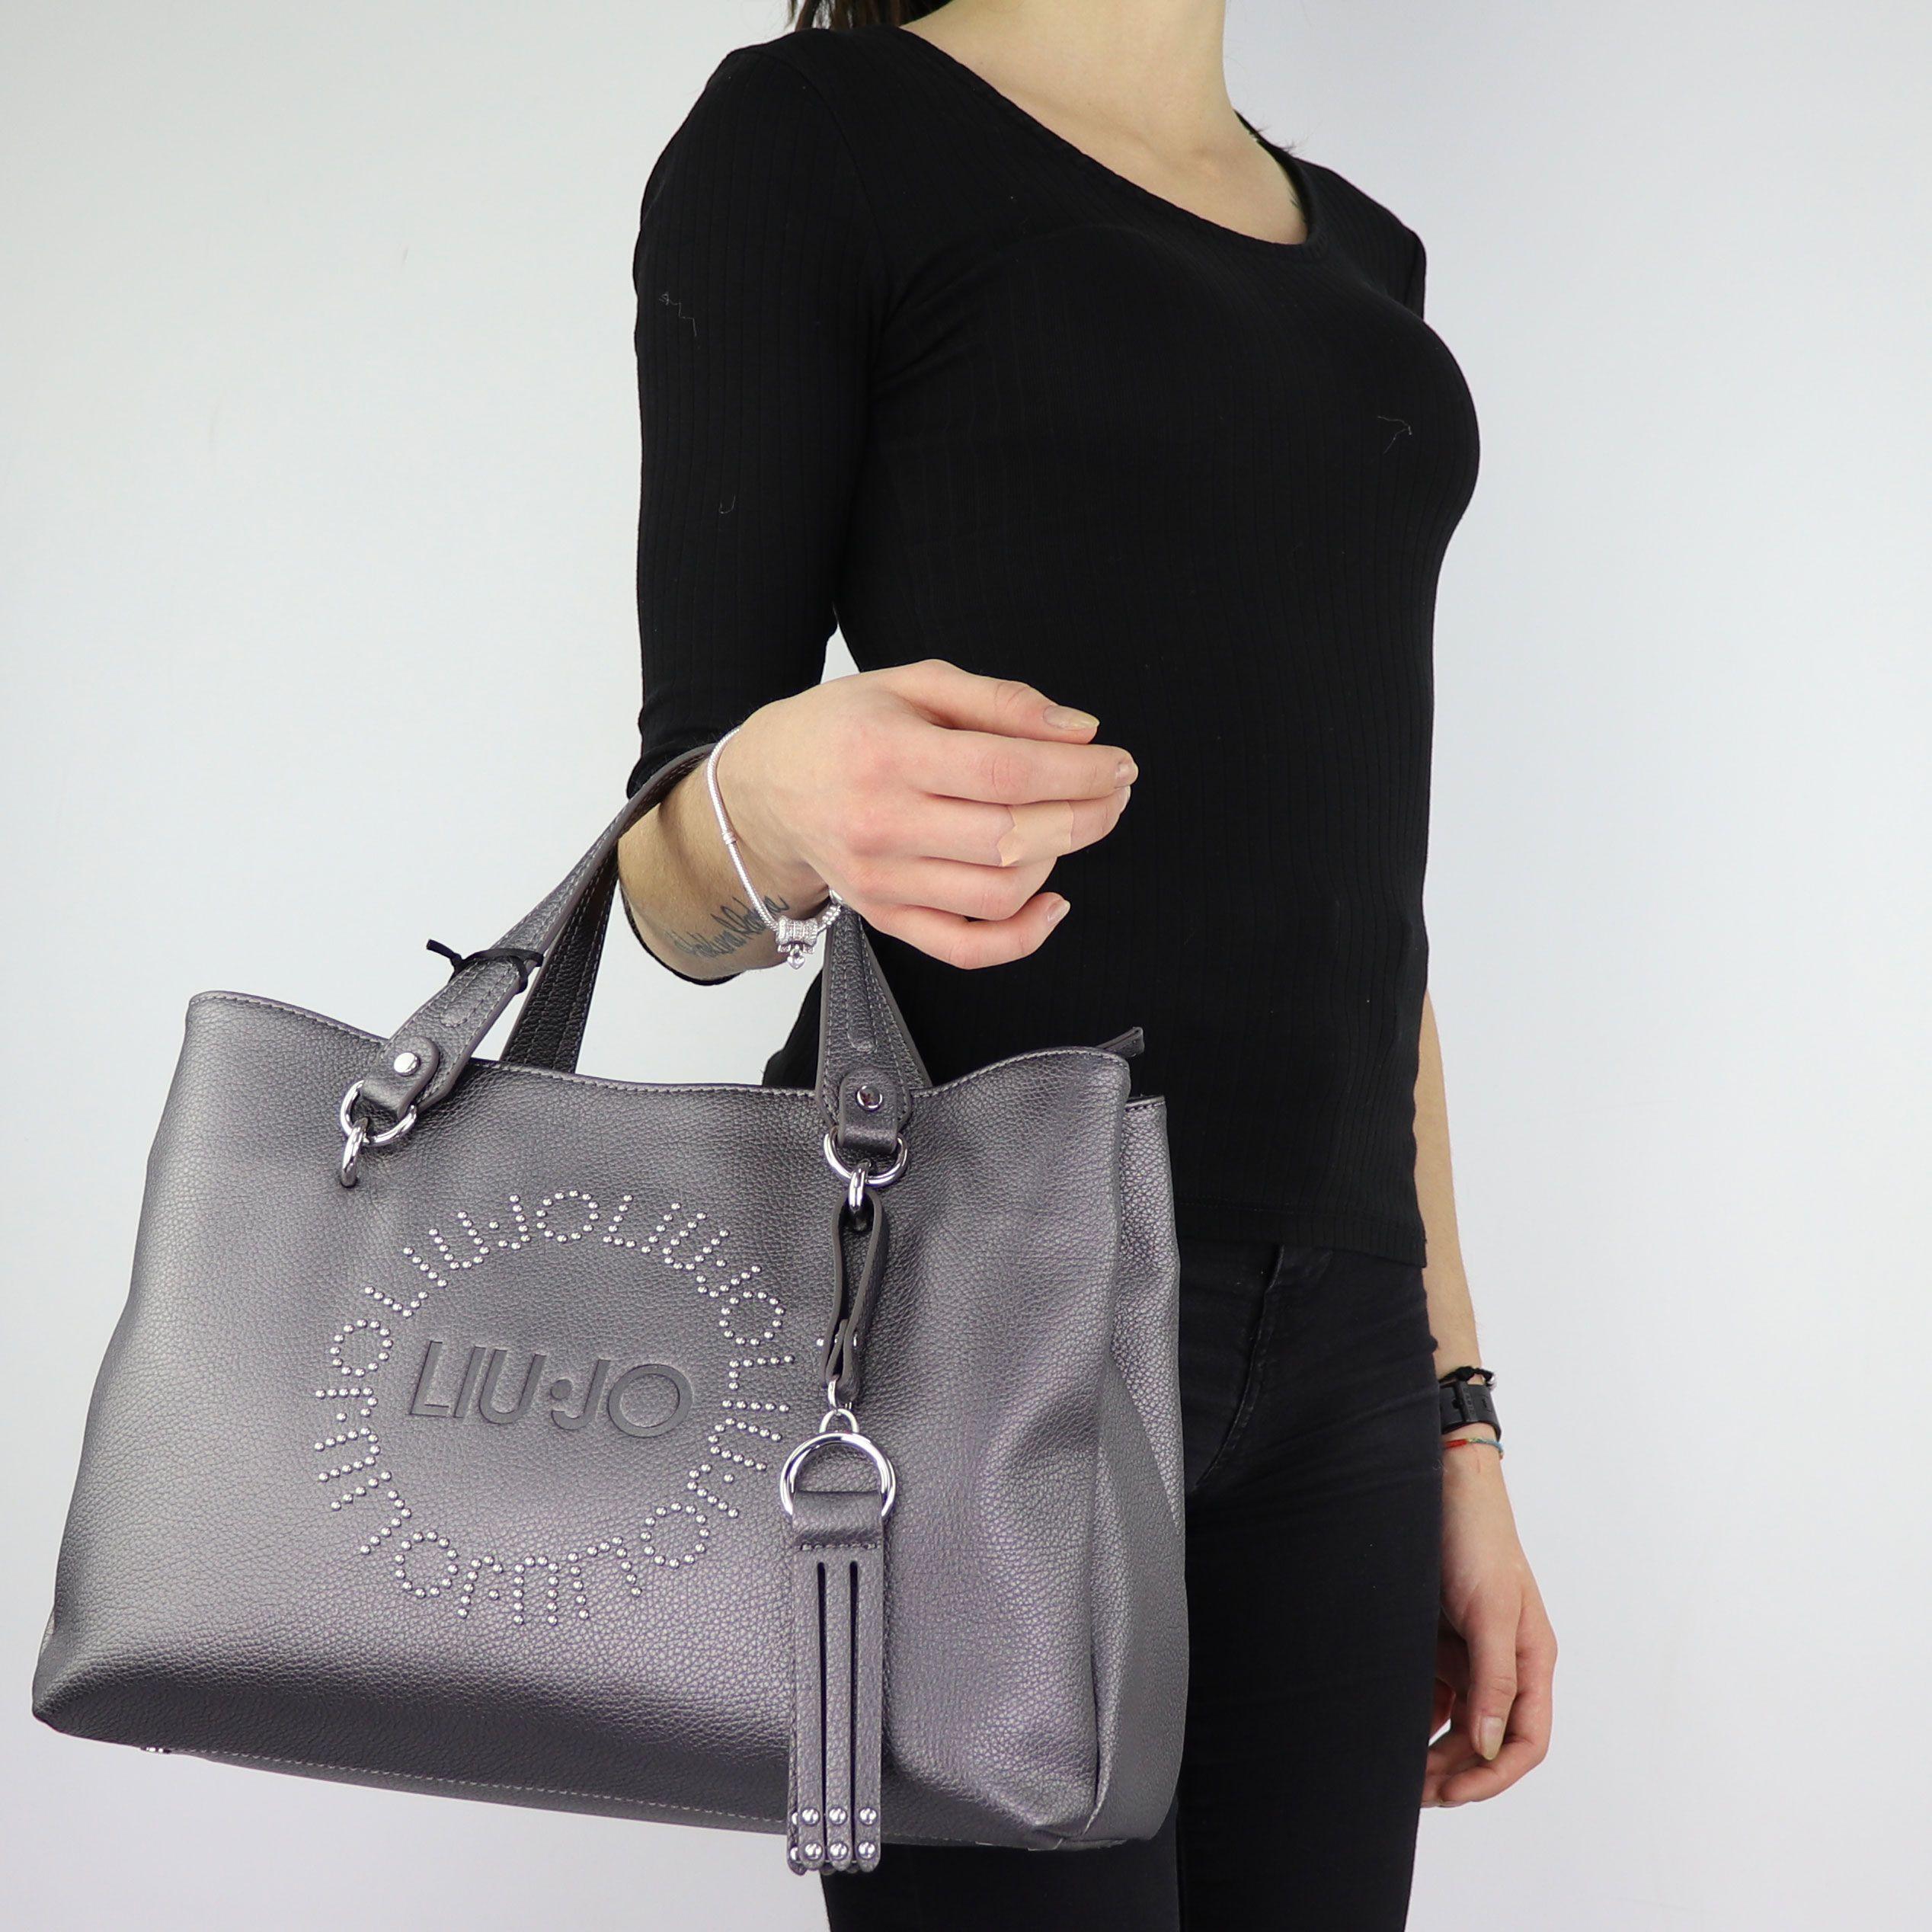 paquete de moda y atractivo detallado venta de descuento Borsa Liu Jo gris de compras Bolso de Colorado N68205 E0037 - In ...